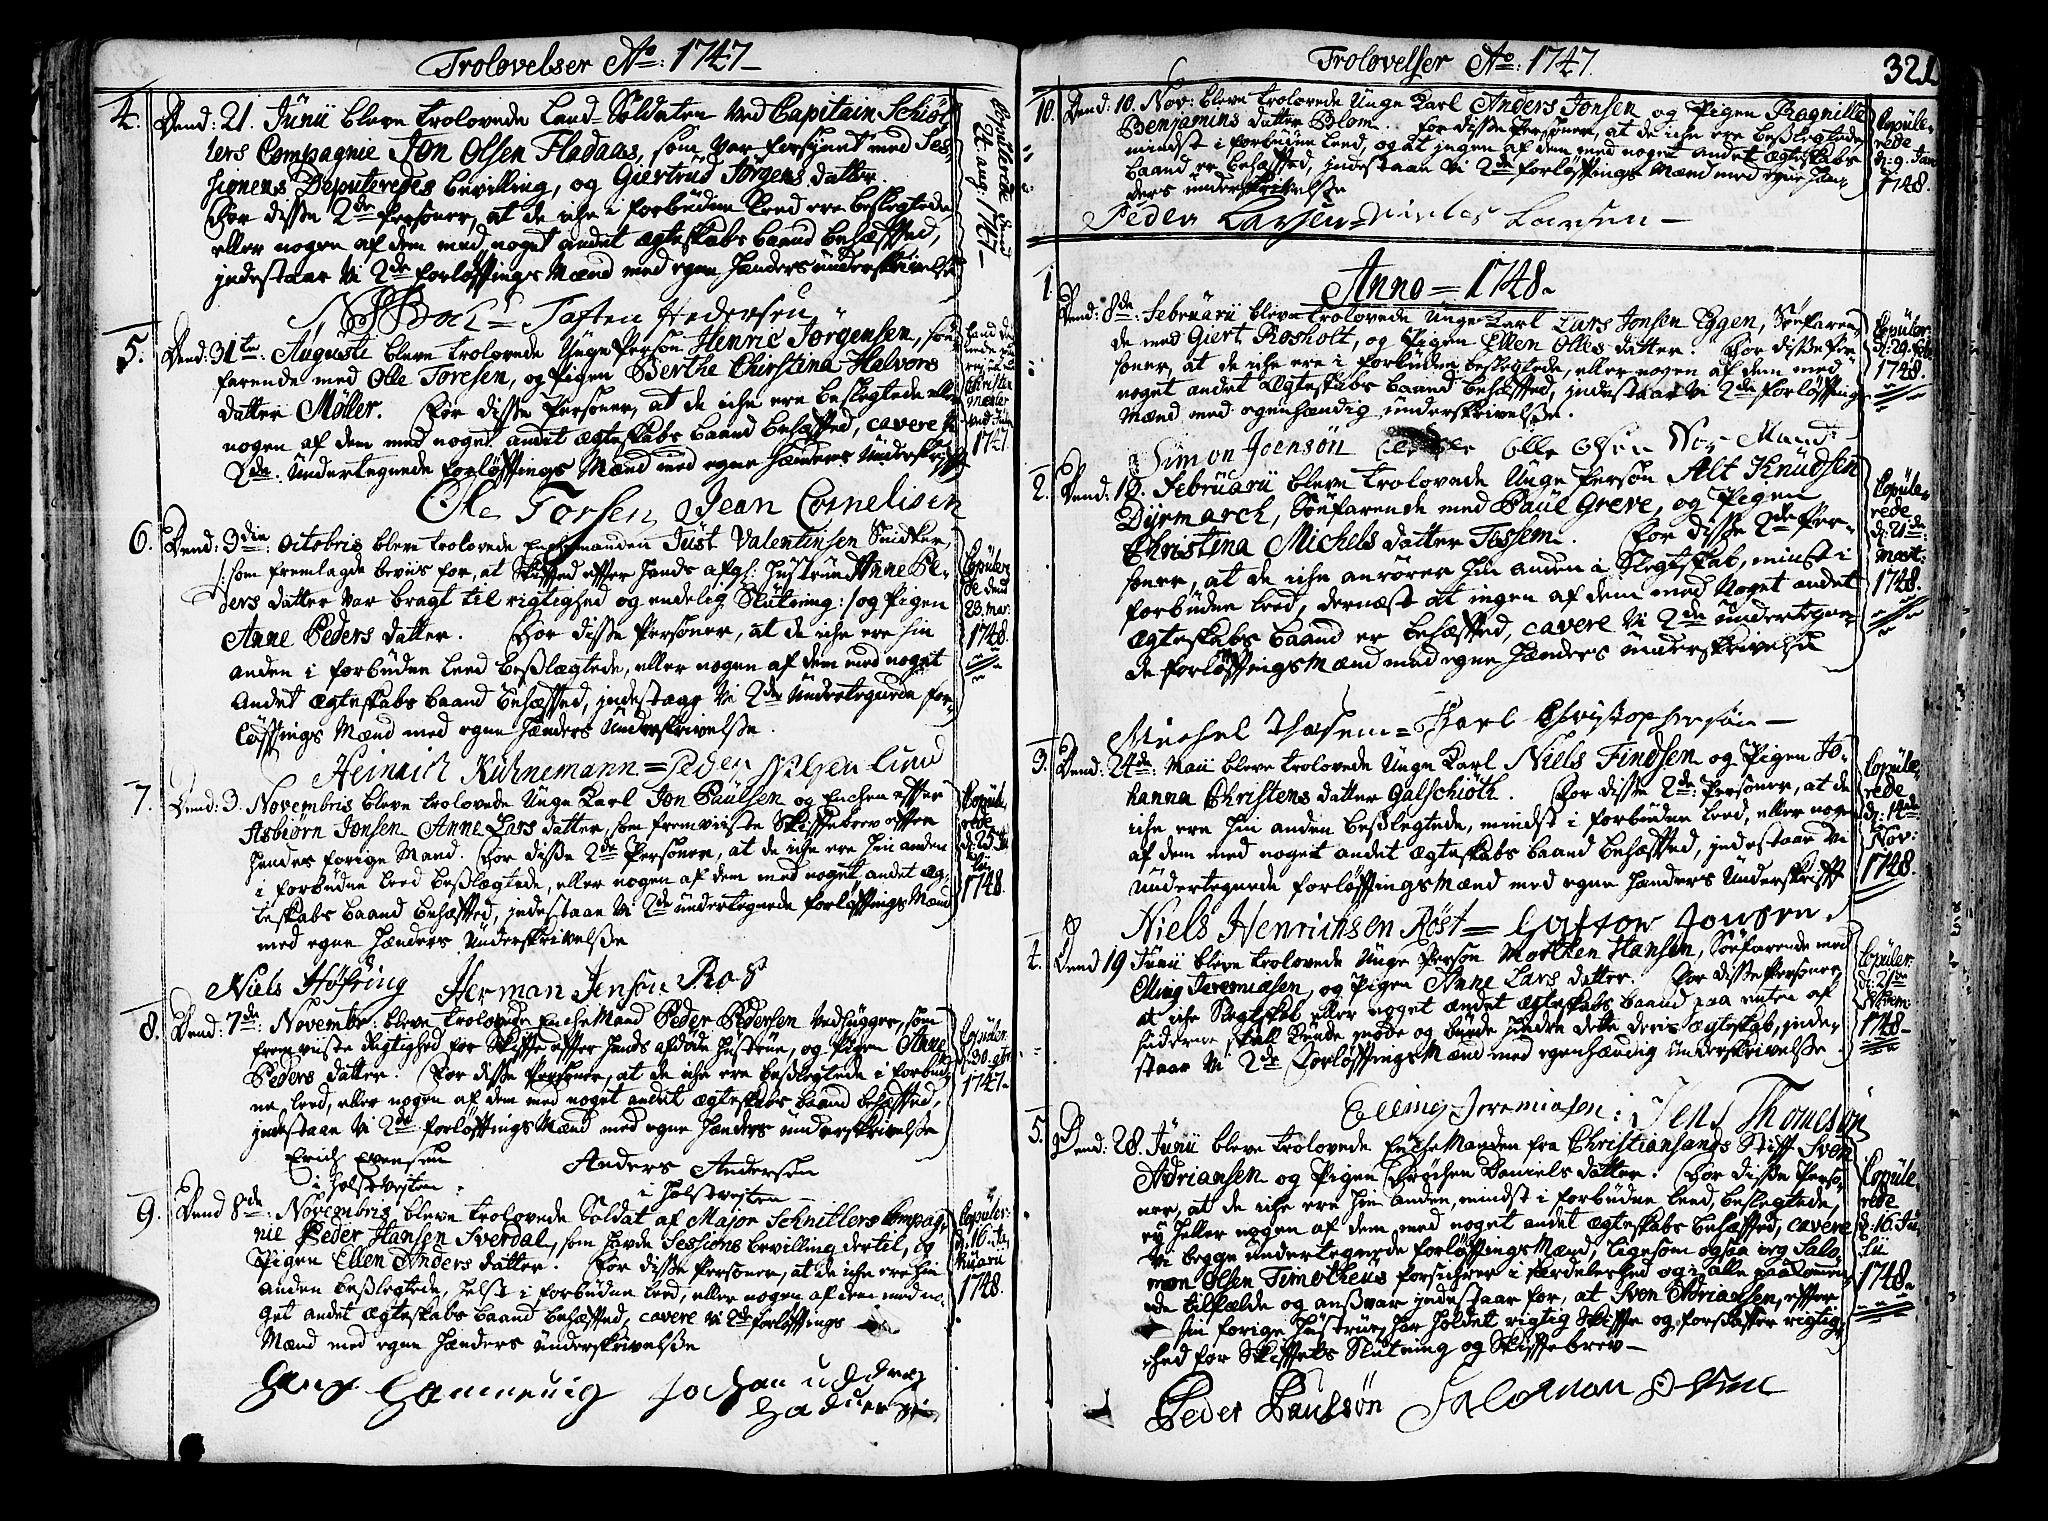 SAT, Ministerialprotokoller, klokkerbøker og fødselsregistre - Sør-Trøndelag, 602/L0103: Ministerialbok nr. 602A01, 1732-1774, s. 321